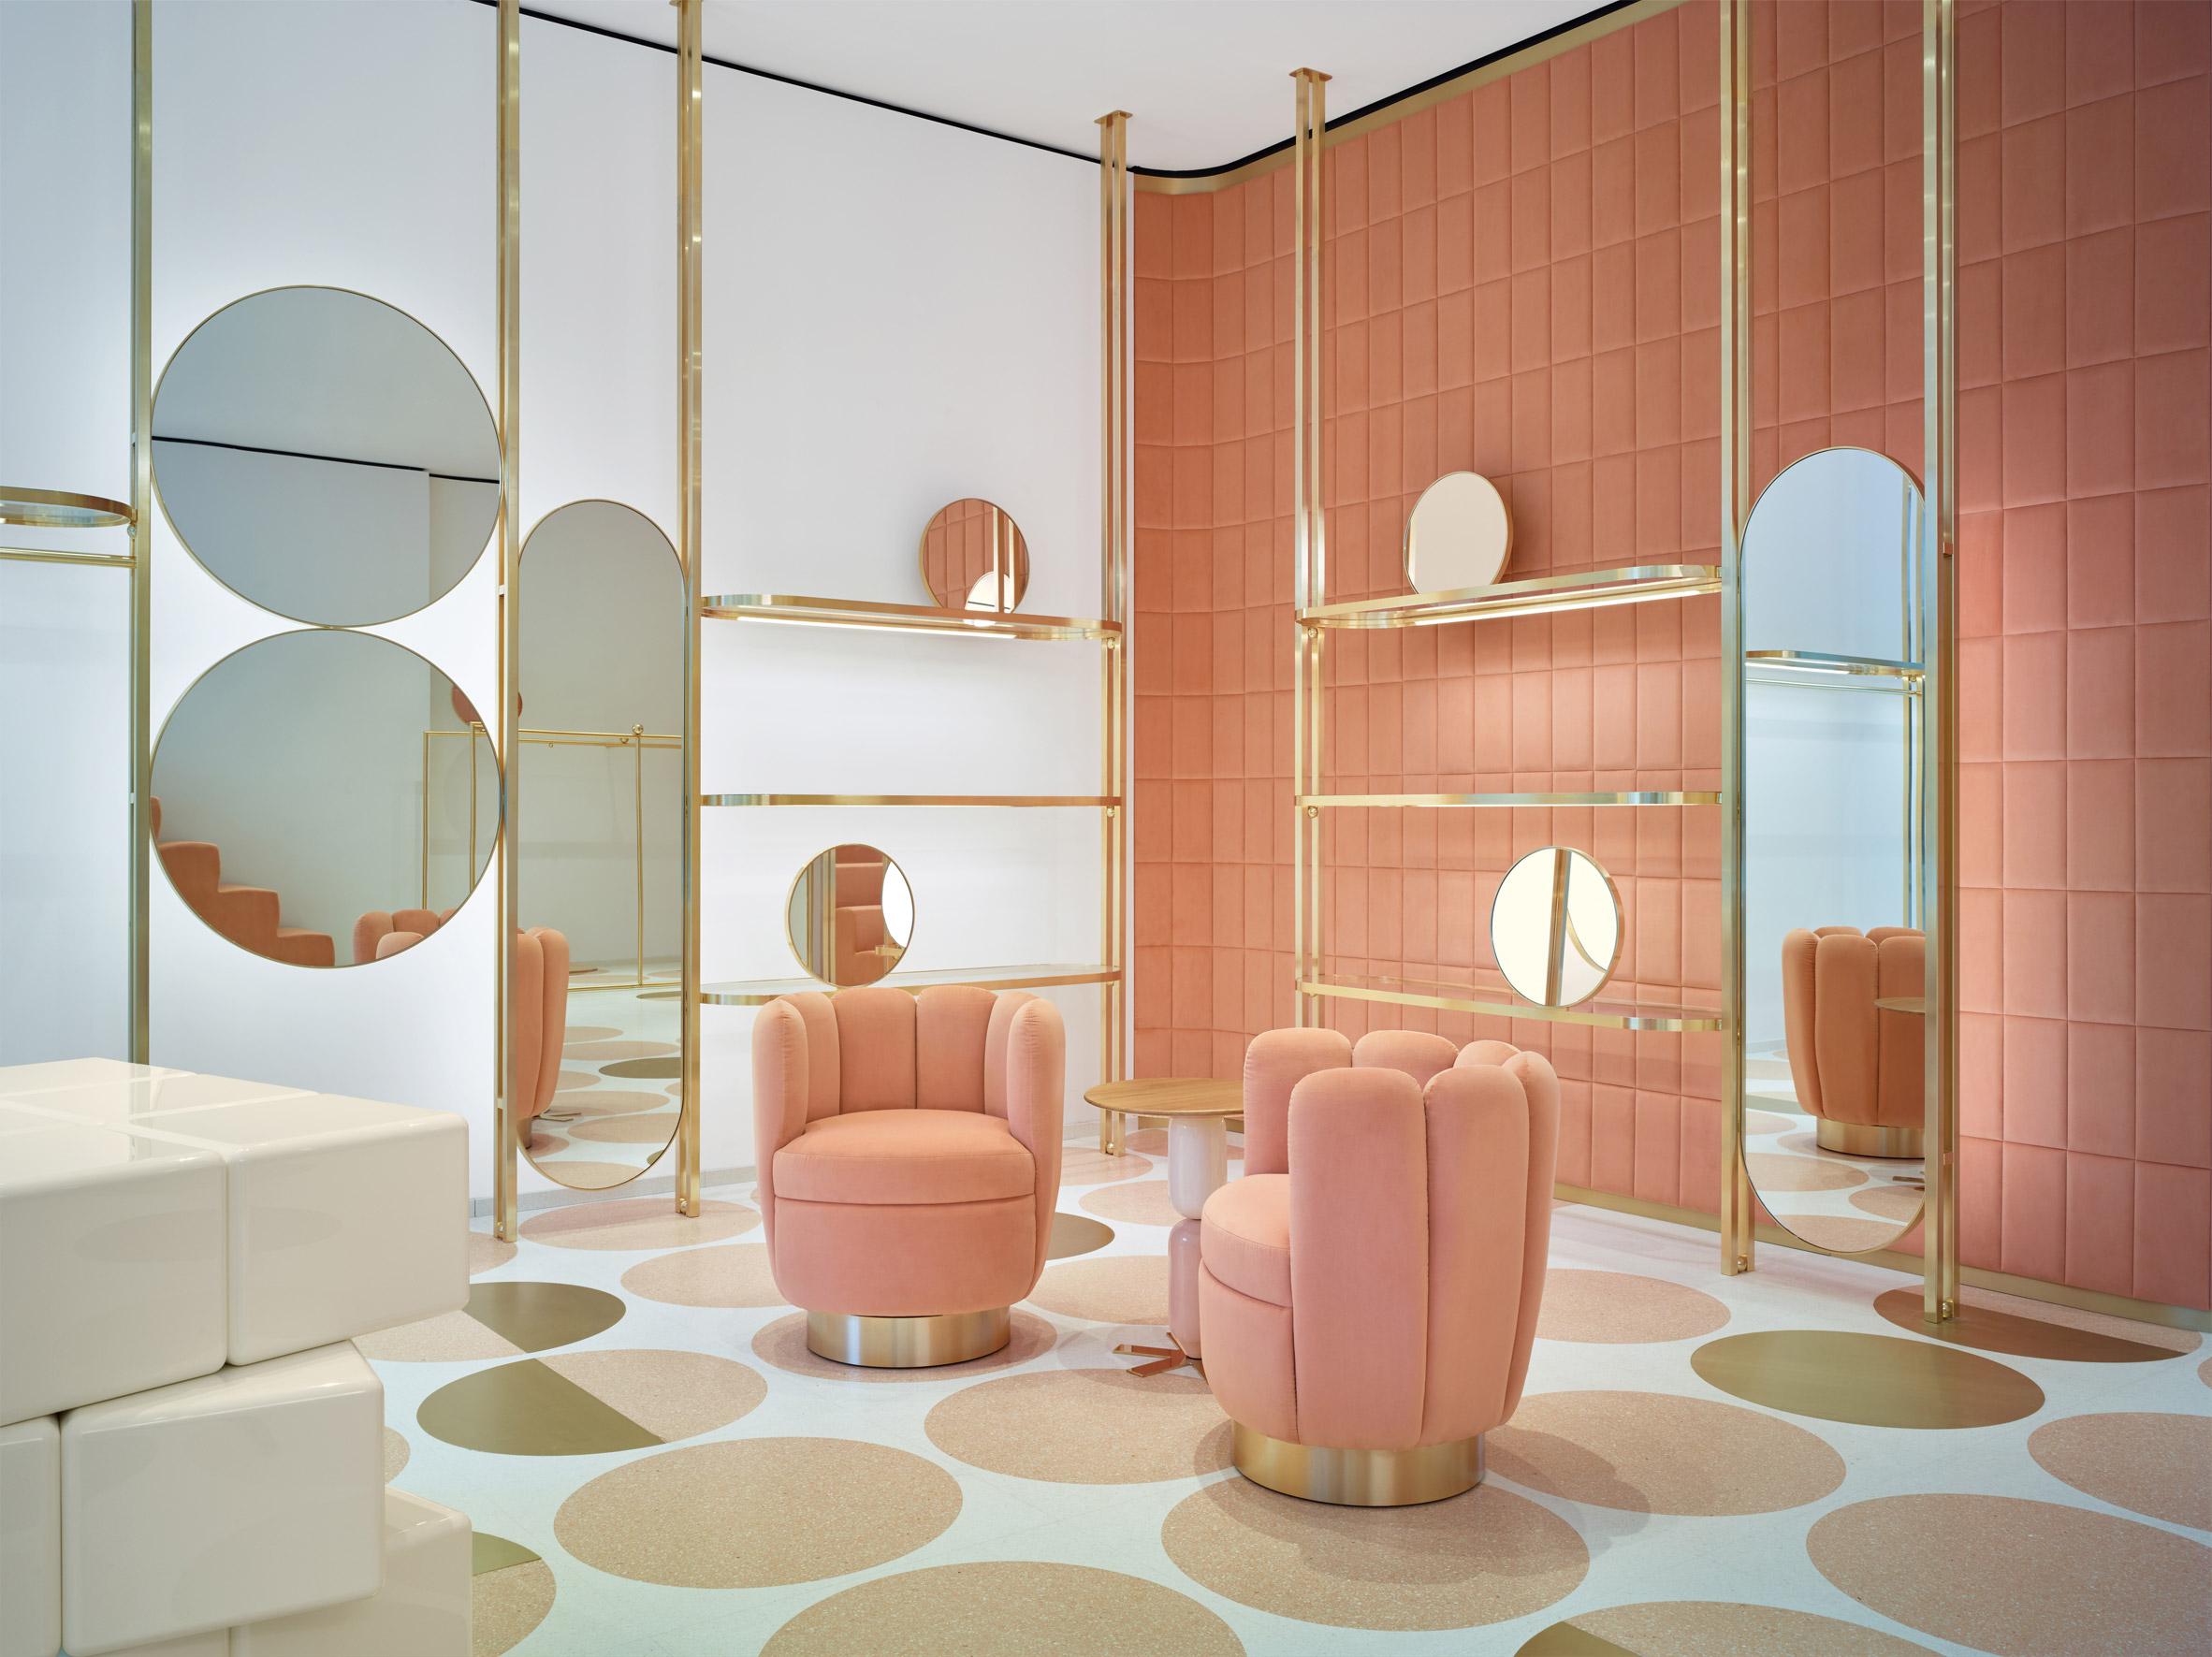 redvalentino-store-by-pierpaolo-piccioli-and-india-mahdavi-interior-design-london-_dezeen_2364_col_2.jpg